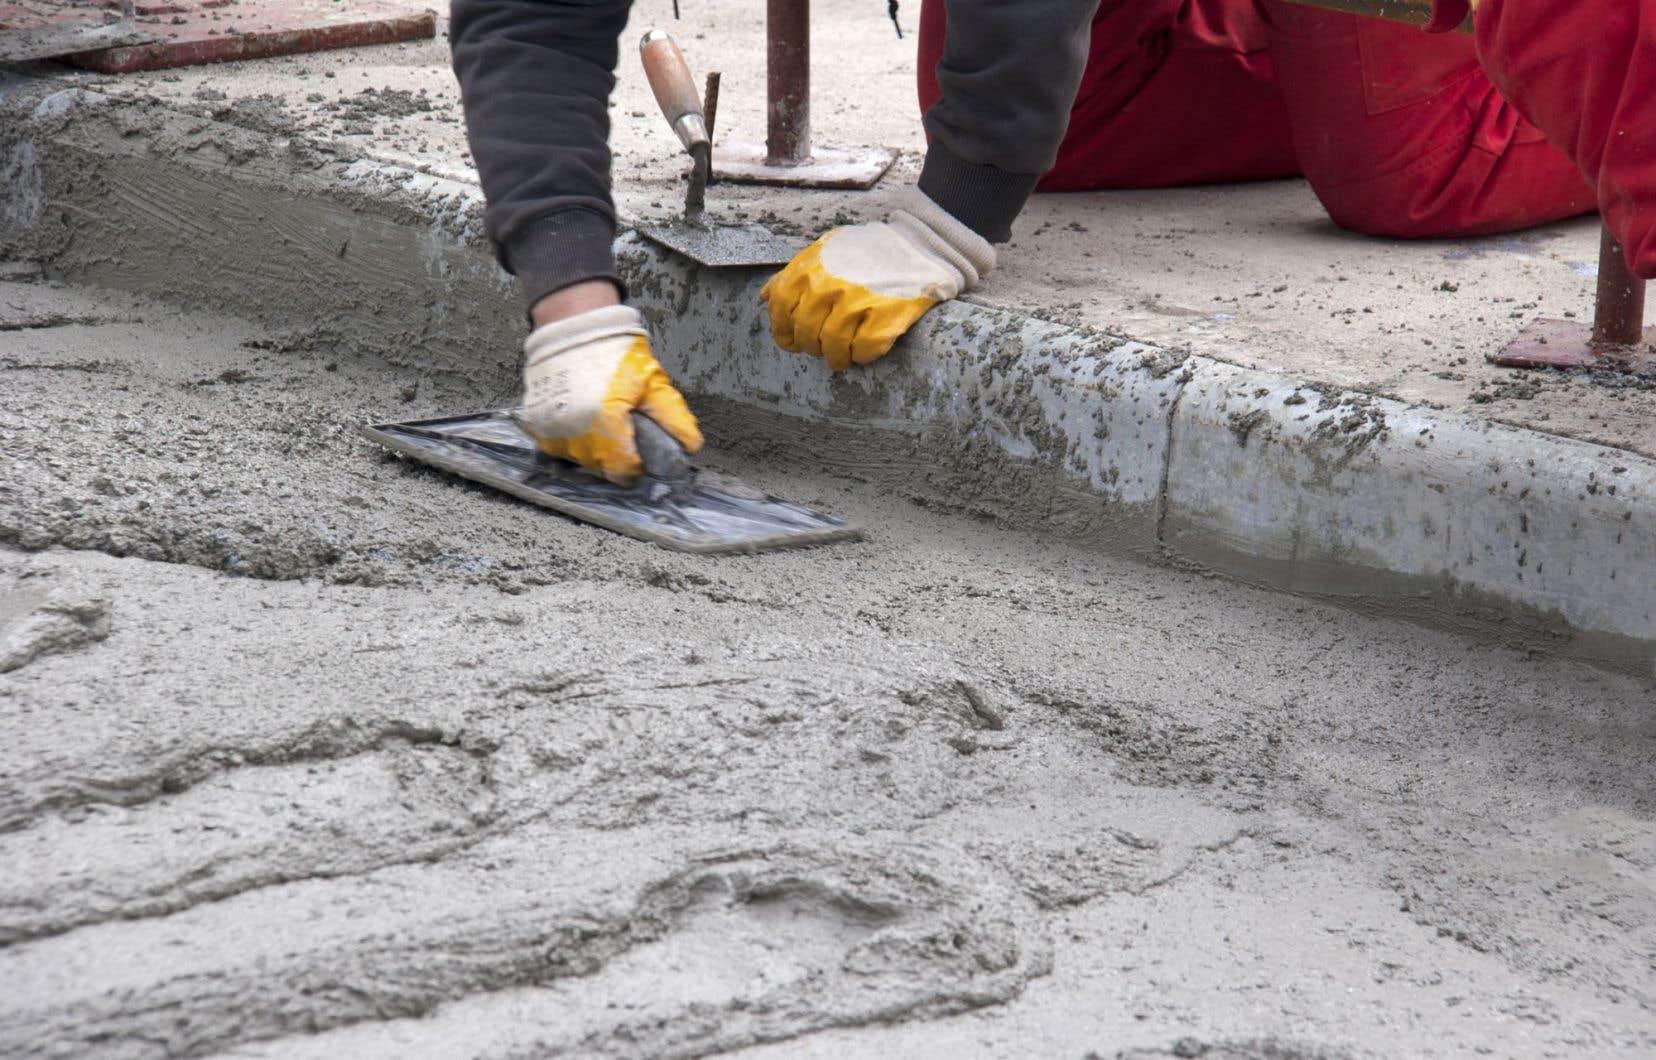 L'absence de concurrence observée dans l'industrie du trottoir fait croire au contrôleur général, Alain Bond, que celle-ci est toujours «sous influence».